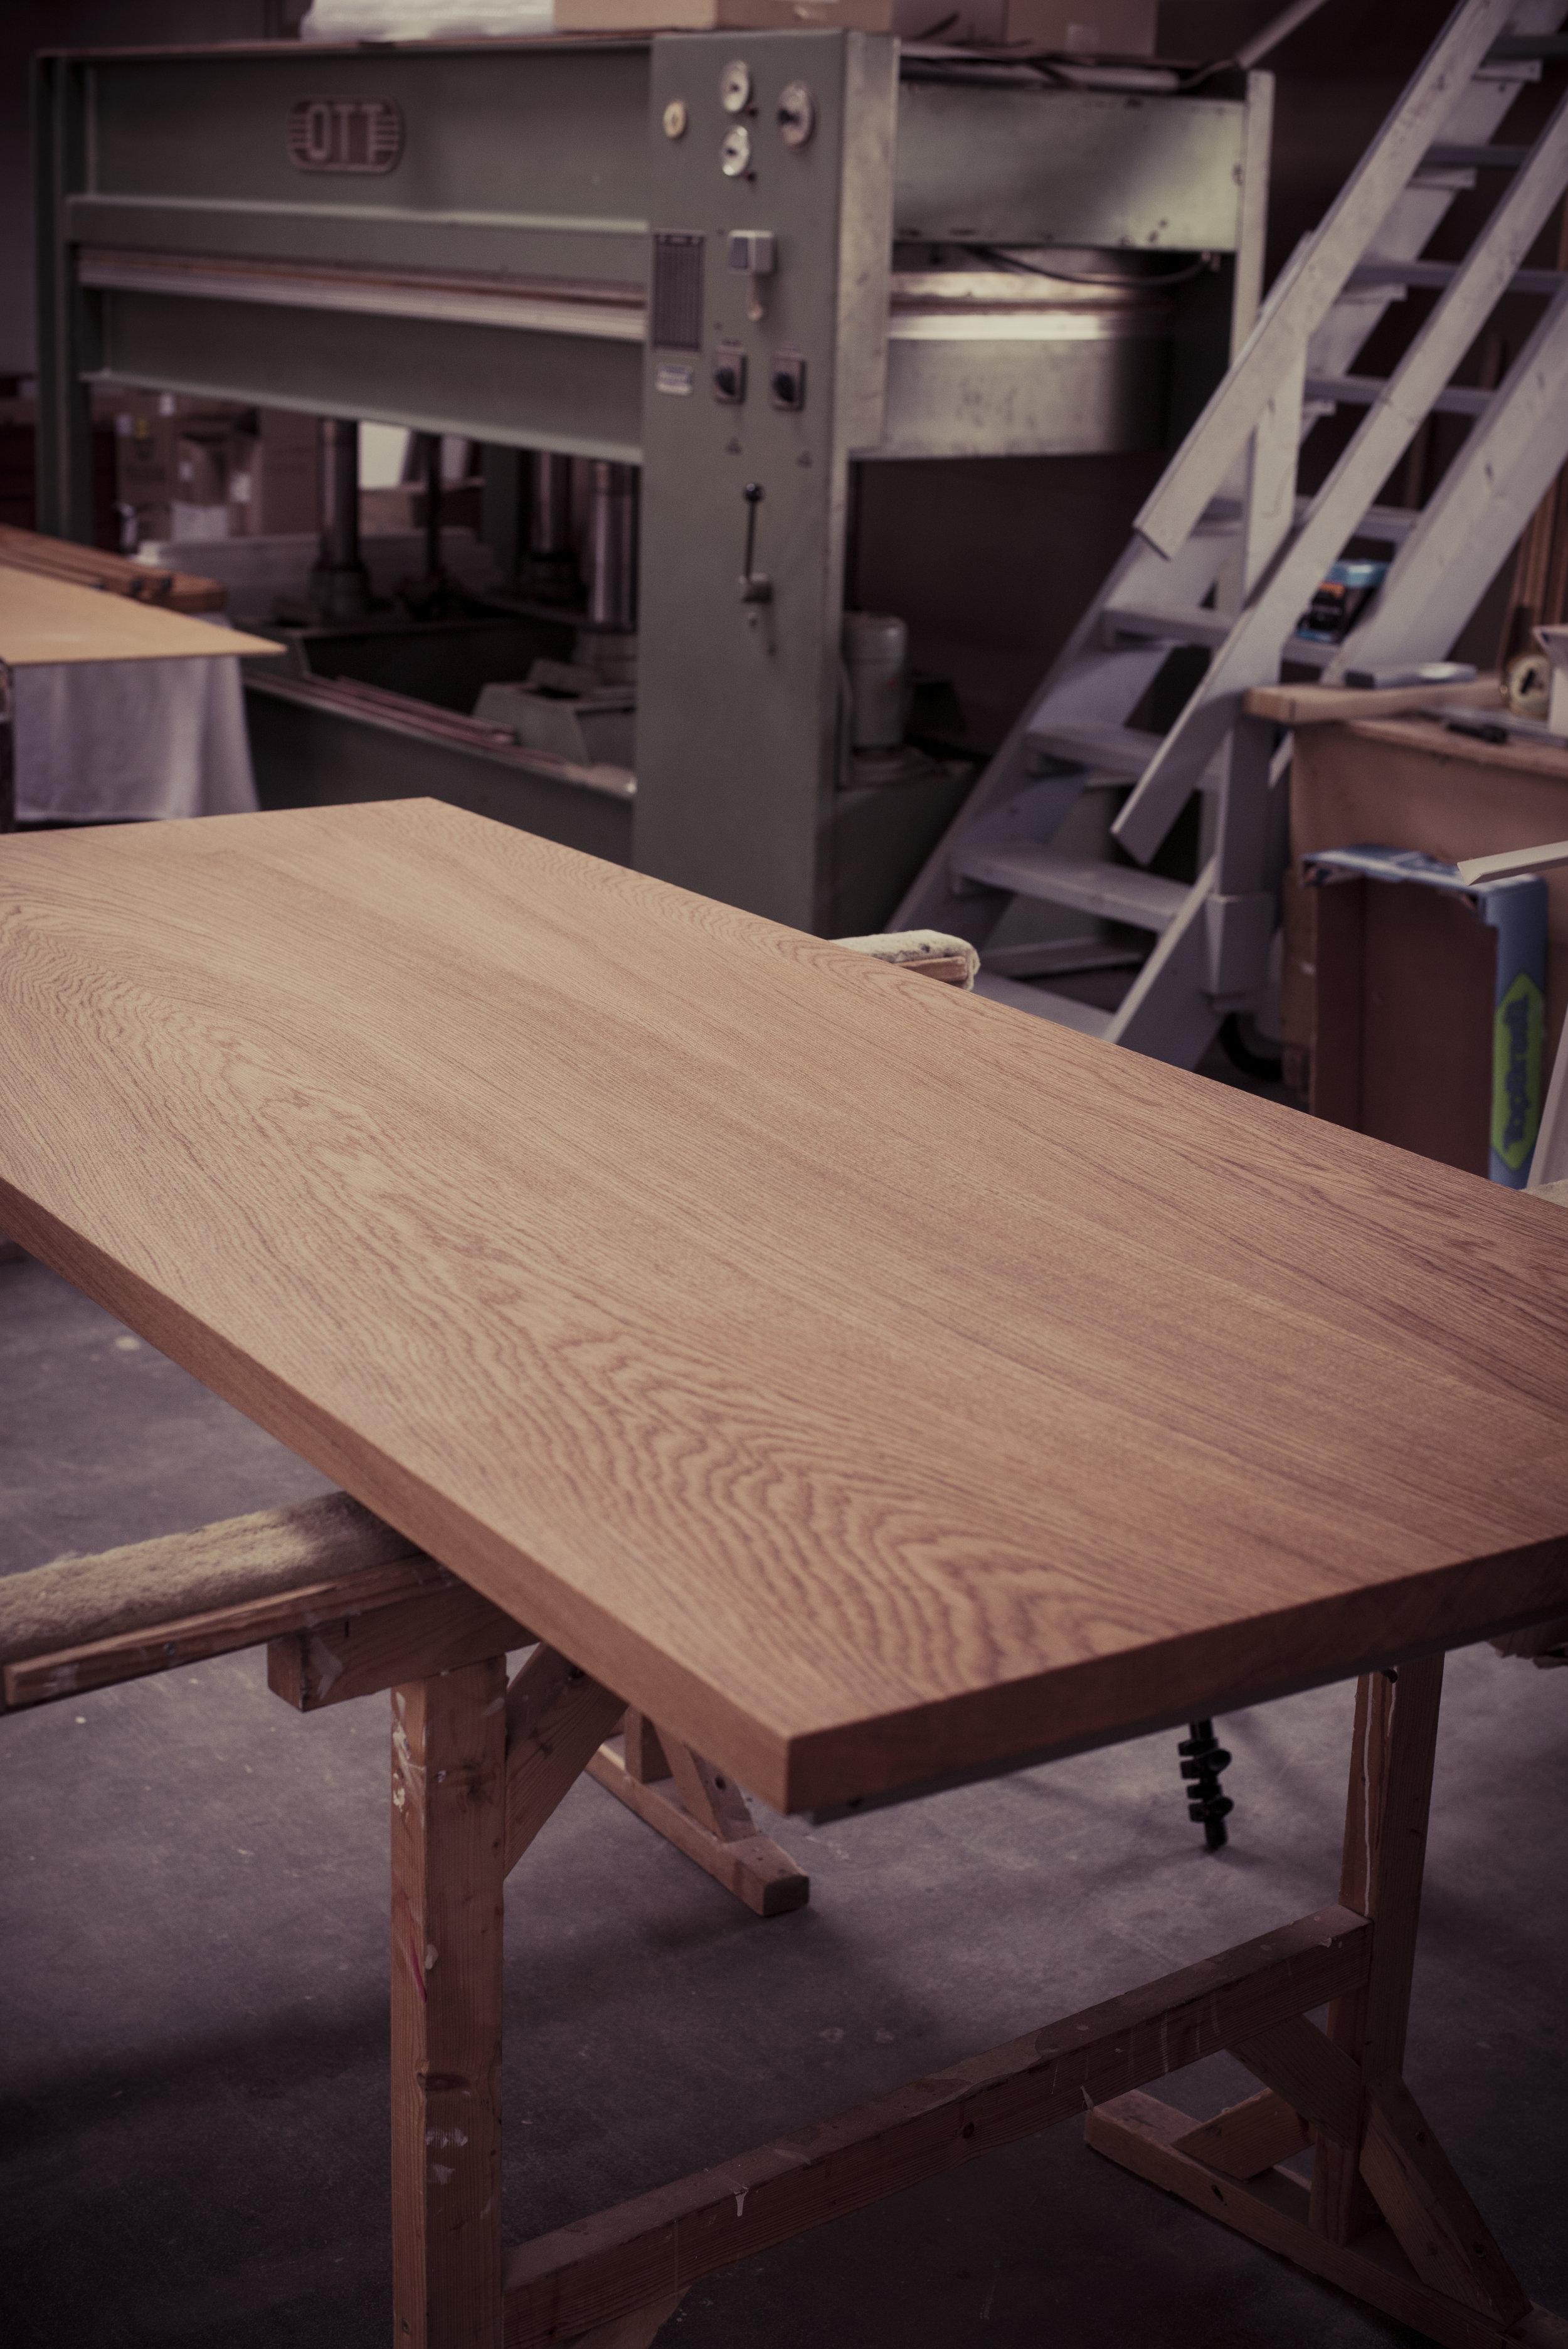 jeder Tisch besteht aus 3-4 Bohlen um ein besonderes Bild der Maserung zu erfahren / each table is made of 3-4 planks to create a special picture of the grain